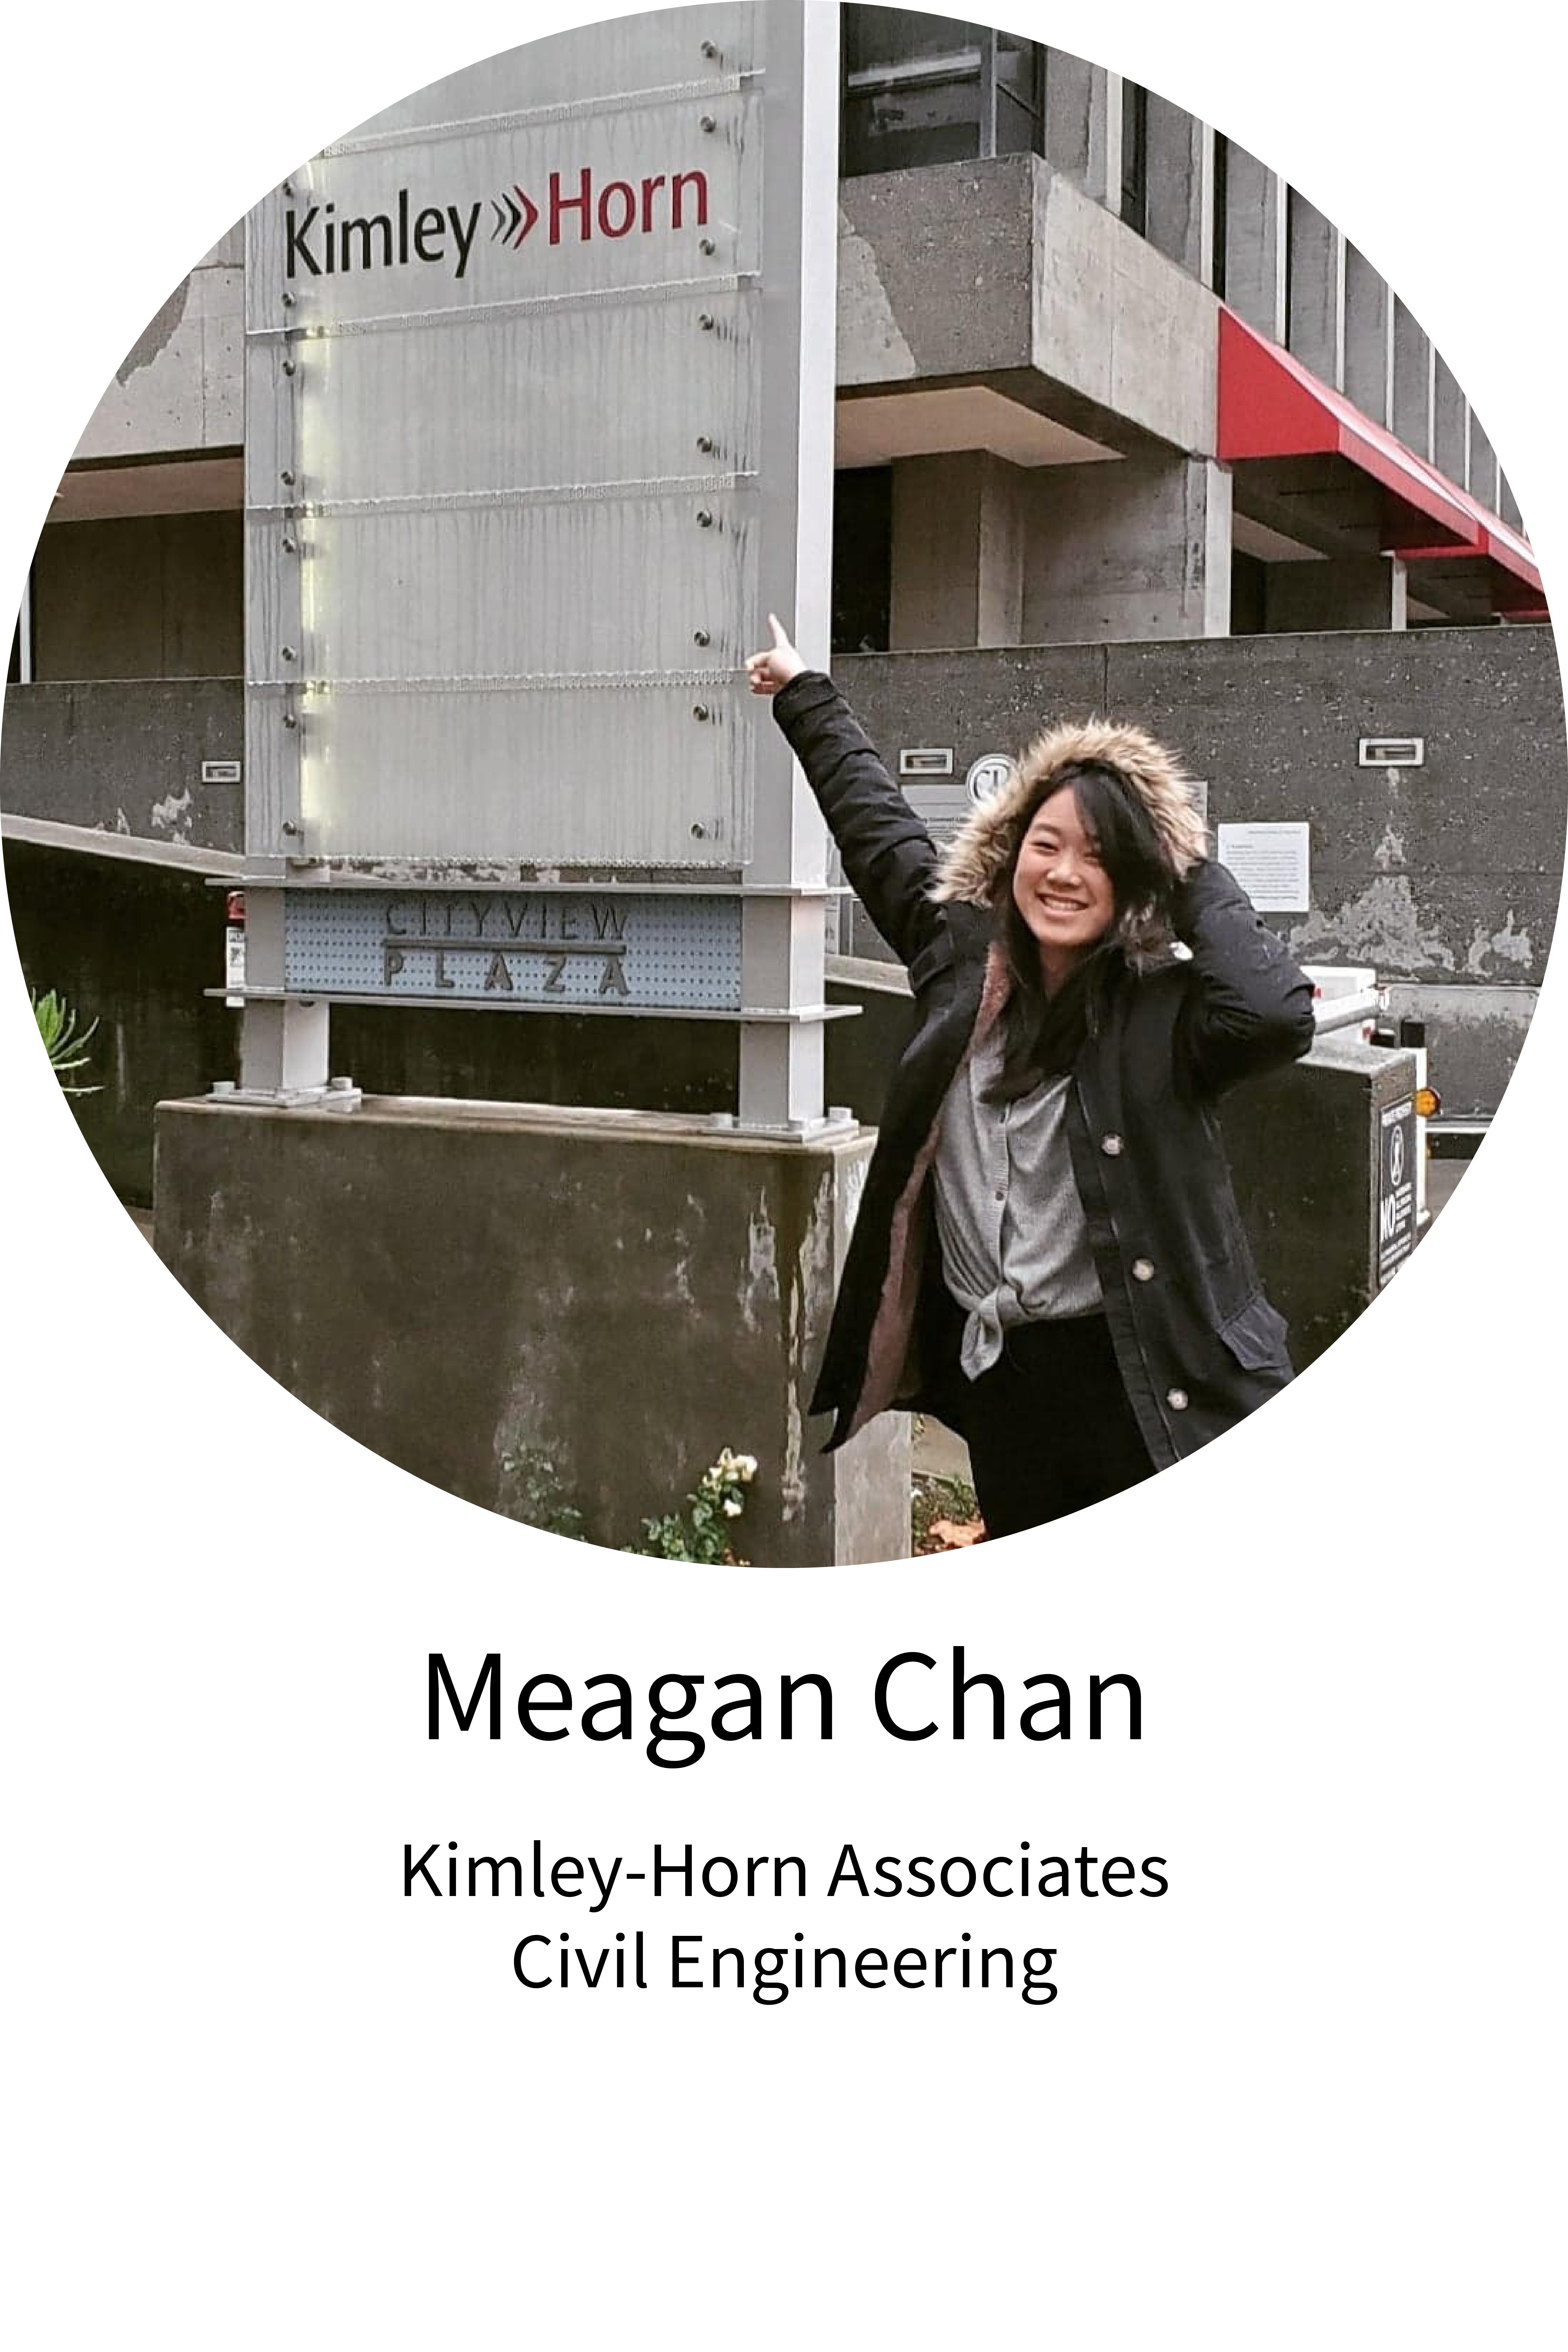 Meagan Chan Internship Spotlight